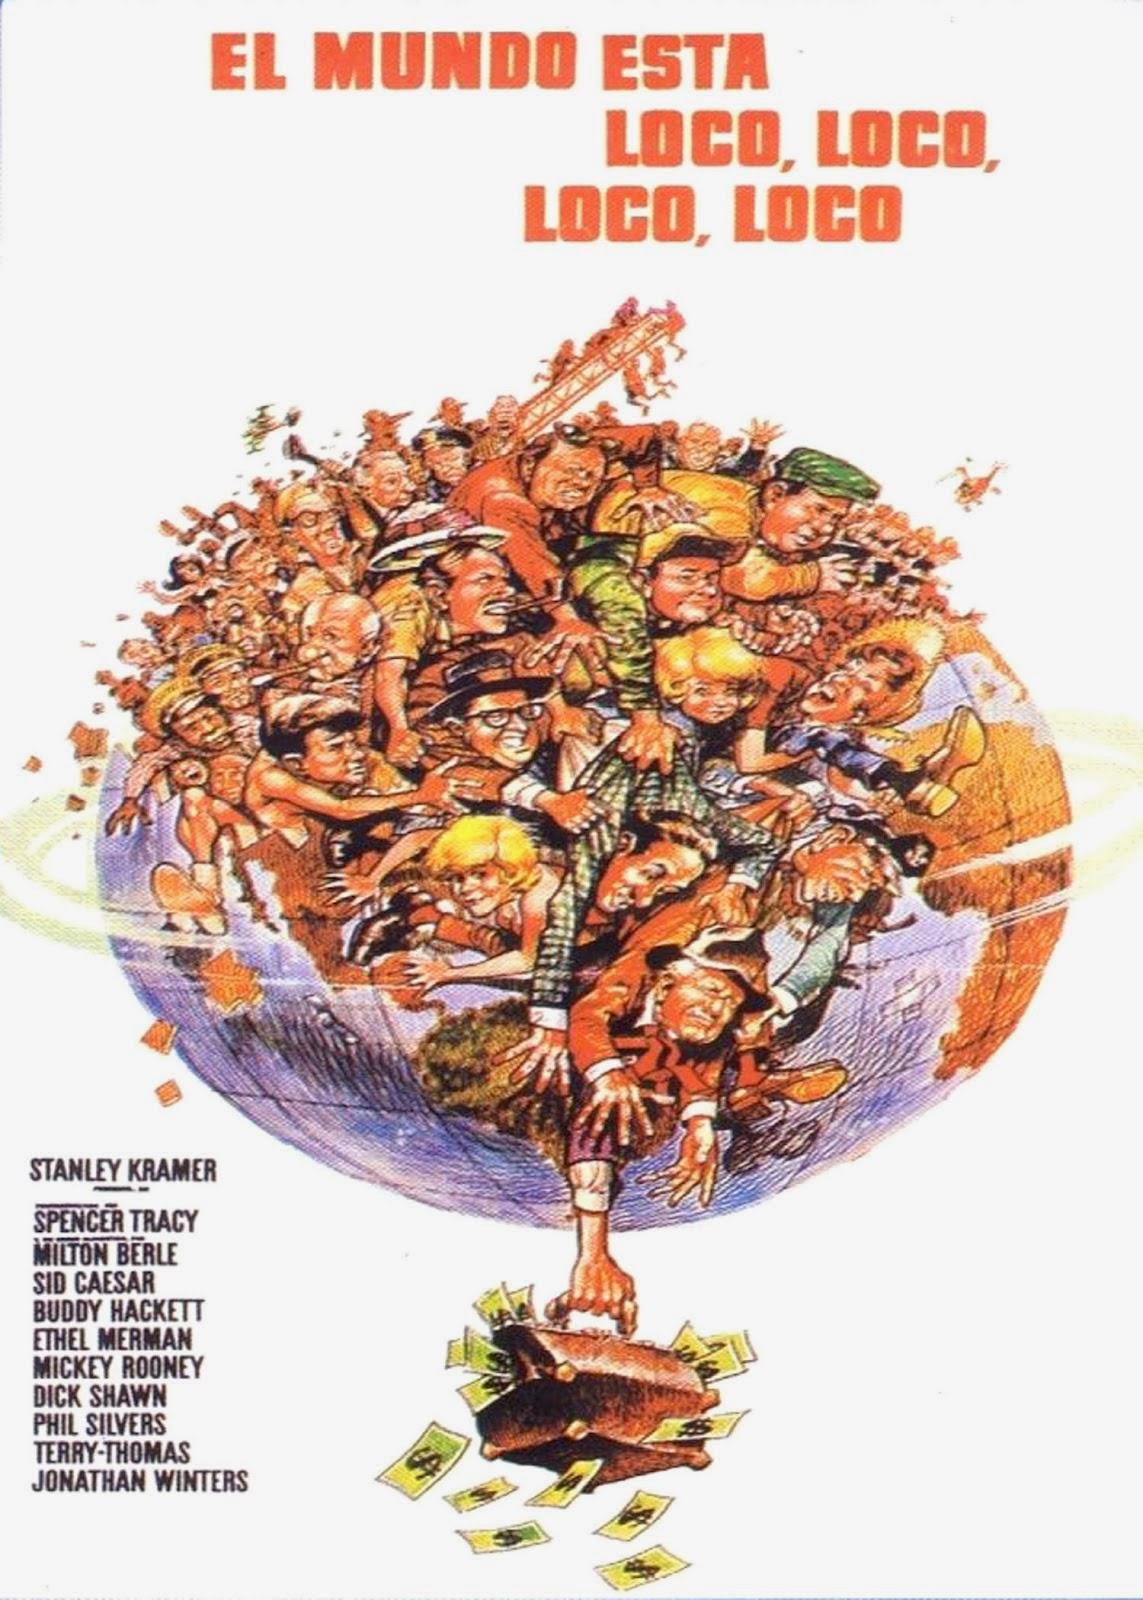 El Mundo Está Loco, Loco, Loco (1963)